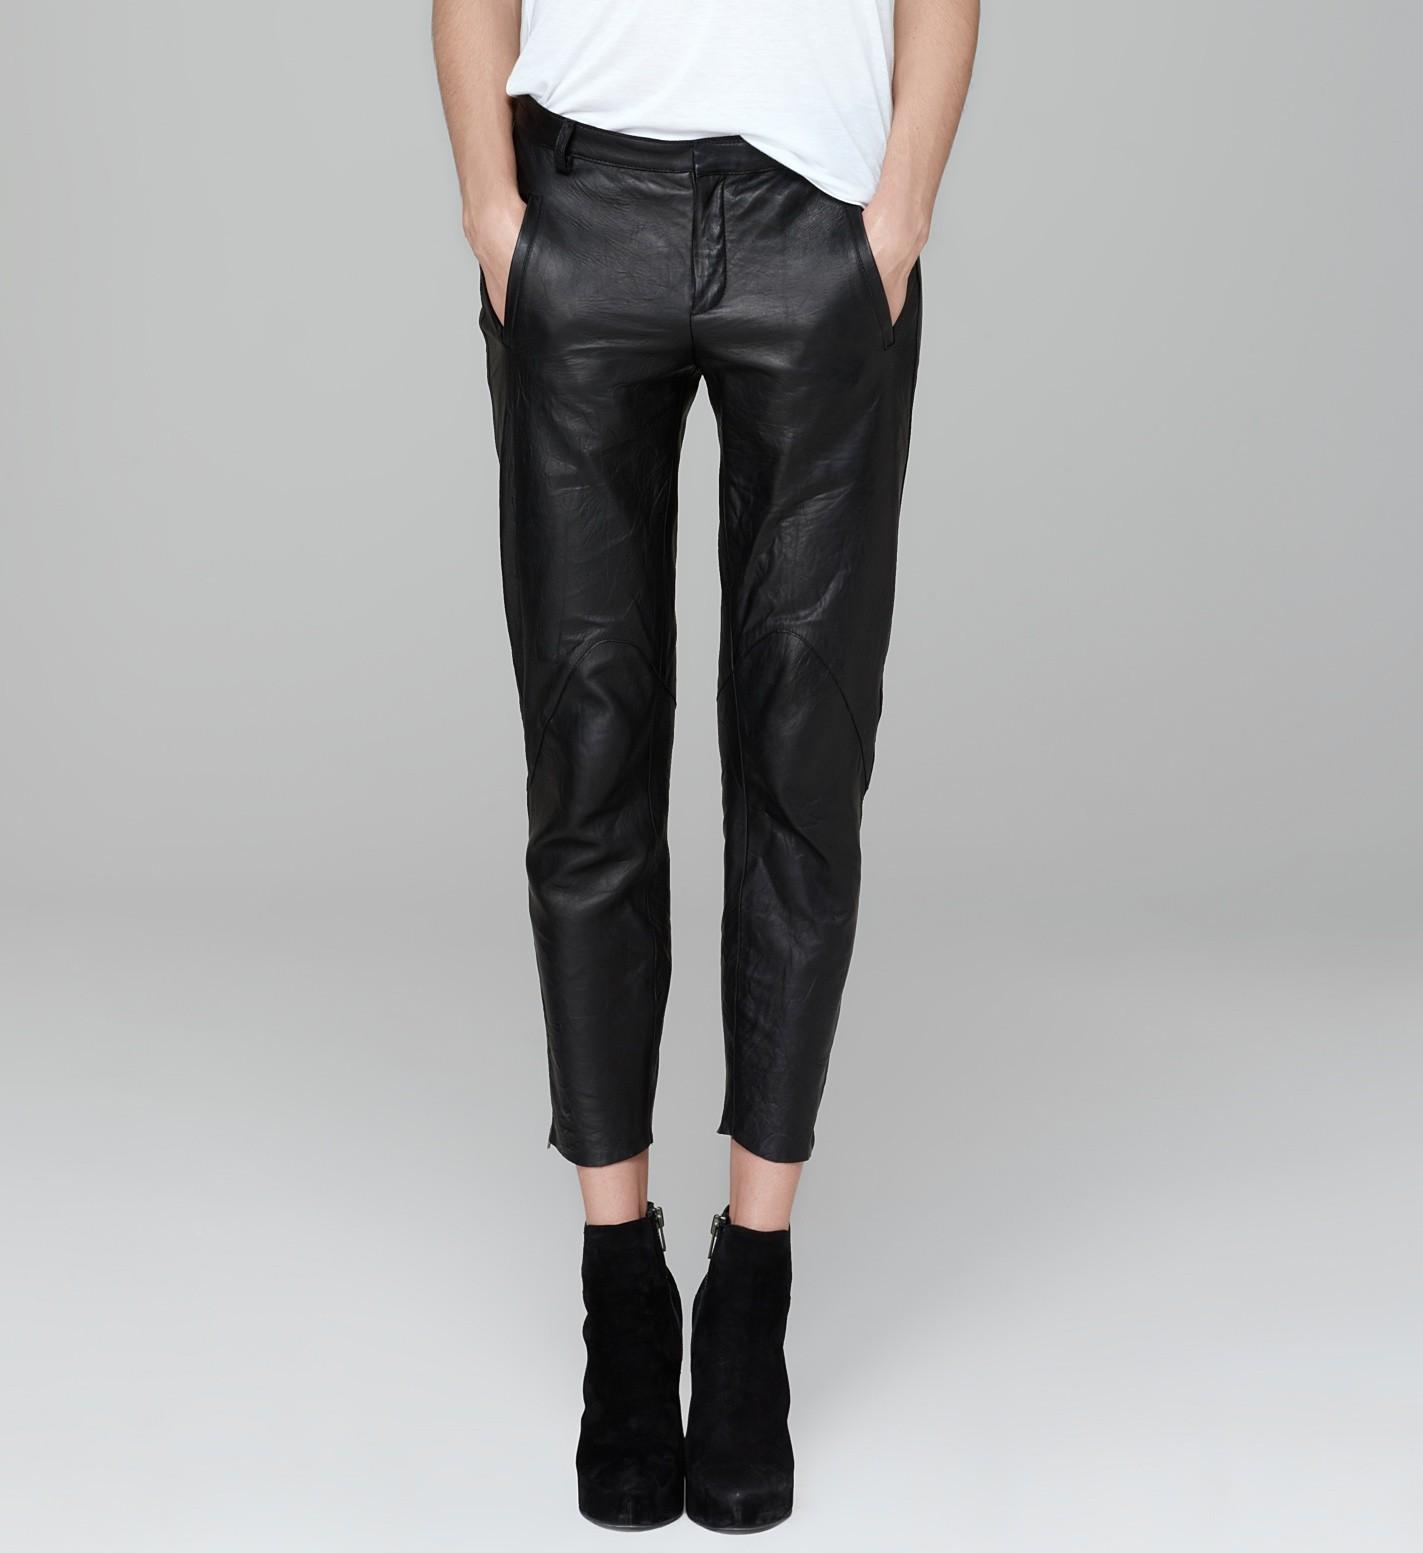 Свободные брюки женские доставка